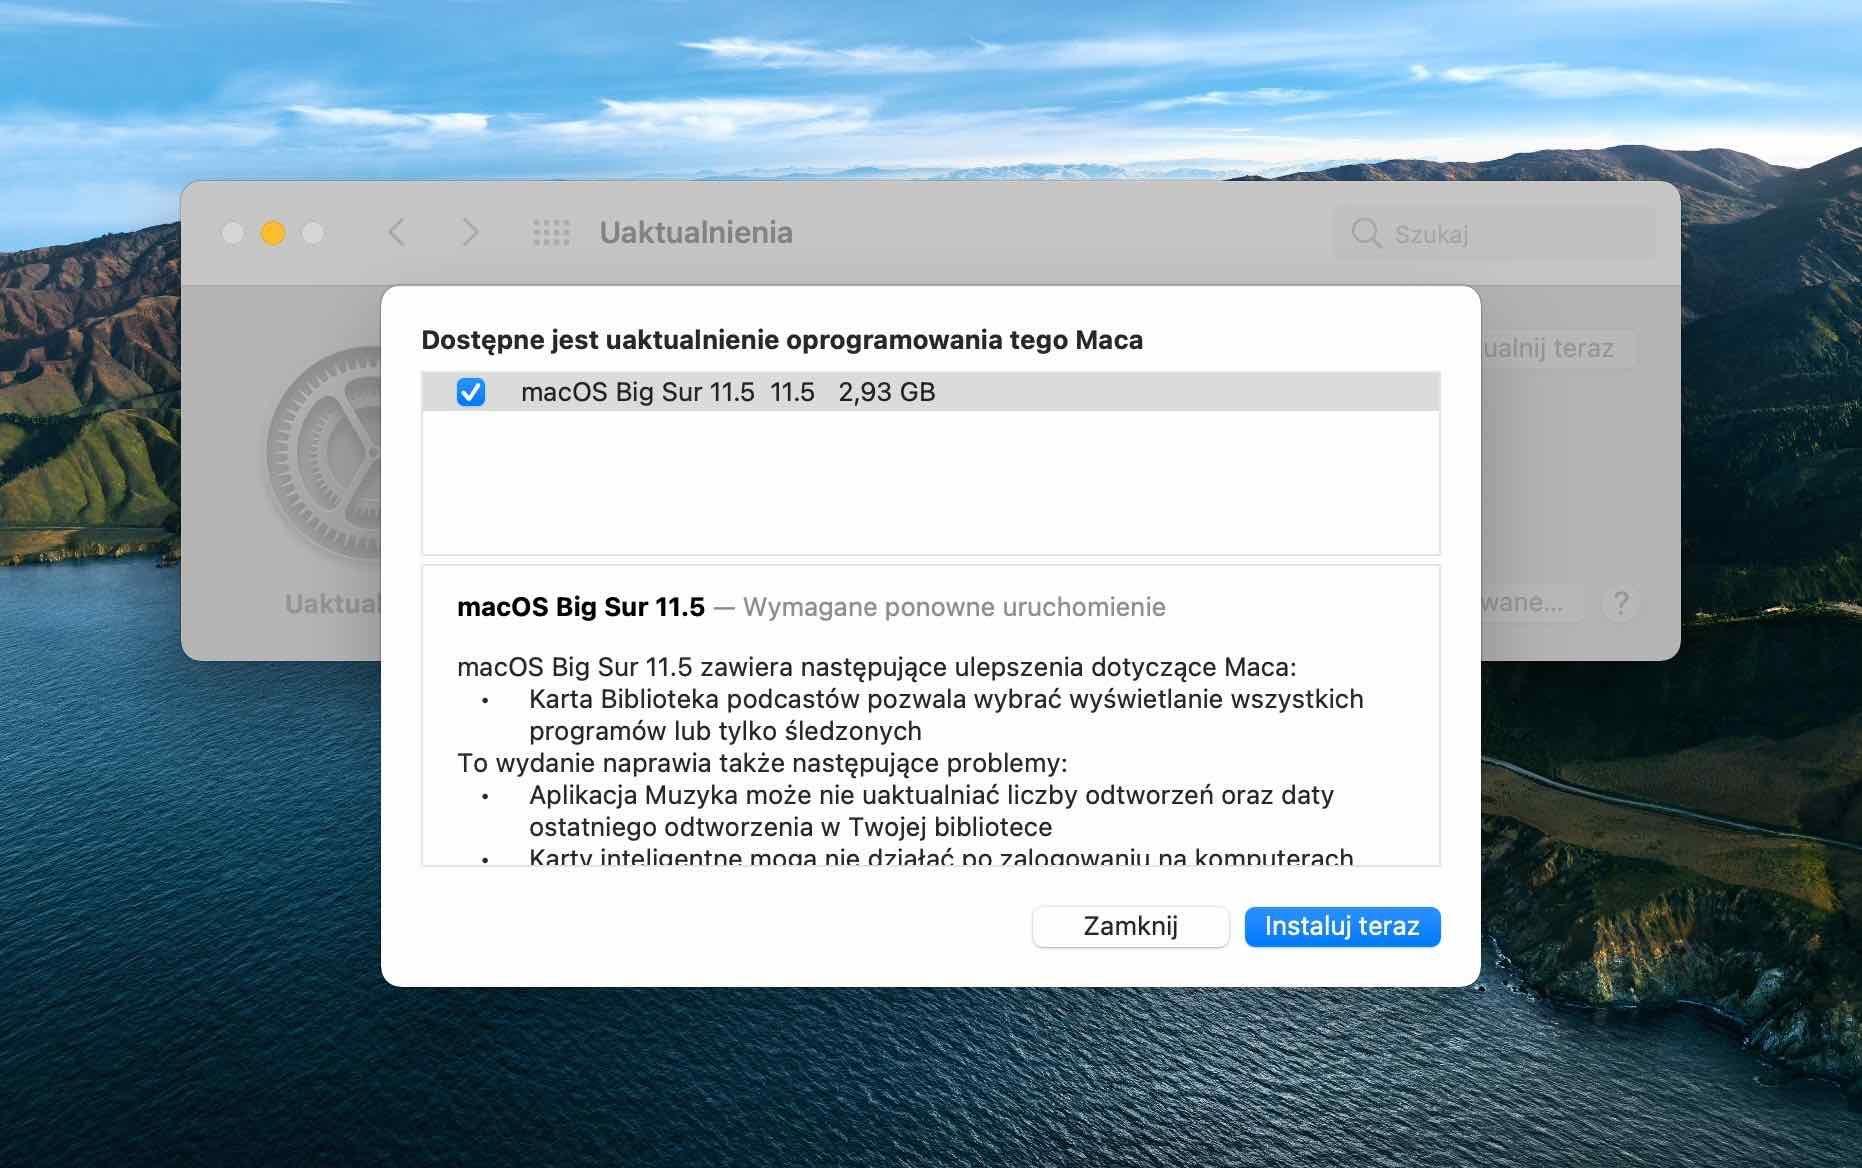 Finalna wersja macOS 11.5 Big Sur dostępna polecane, ciekawostki macOS Big Sur 11.5  Firma Apple udostępniła wszystkim użytkownikom finalną wersję macOS Big Sur 11.5. Lista zmian w tejże wersji systemu nie jest zbyt długa. macOS11.5 1